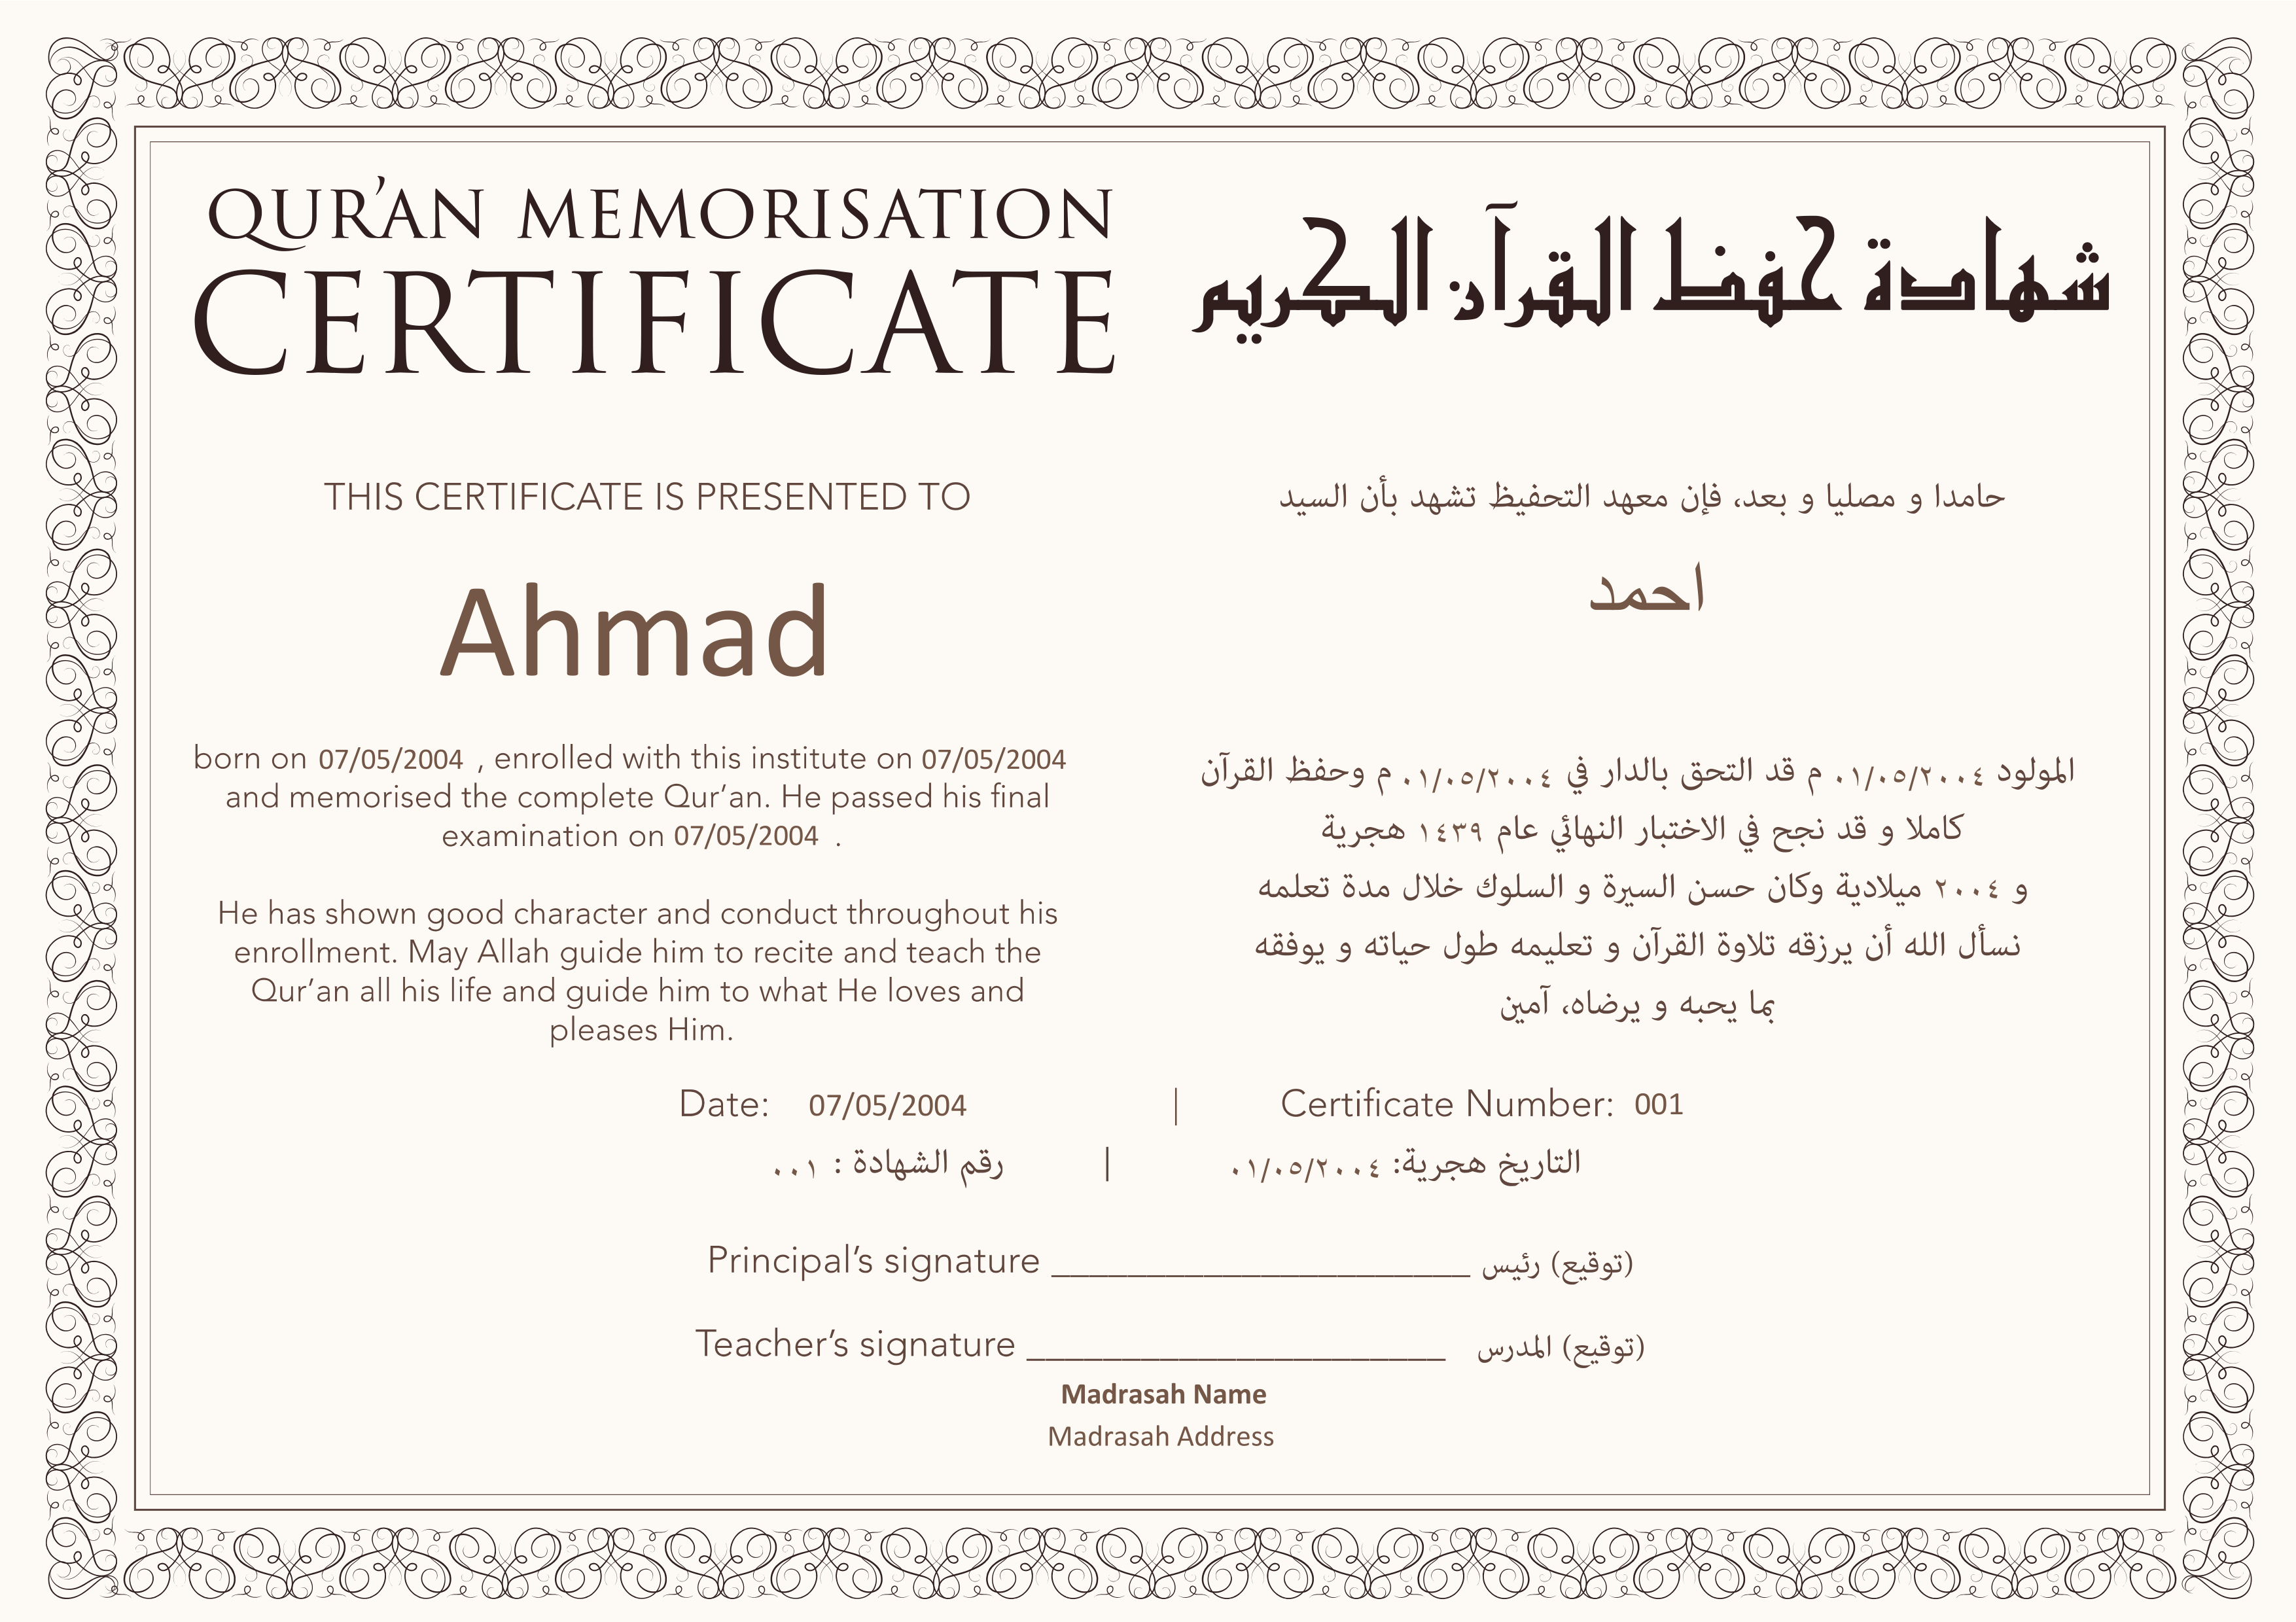 Hifz certificate template an nasihah publications hifz certificate template altavistaventures Choice Image